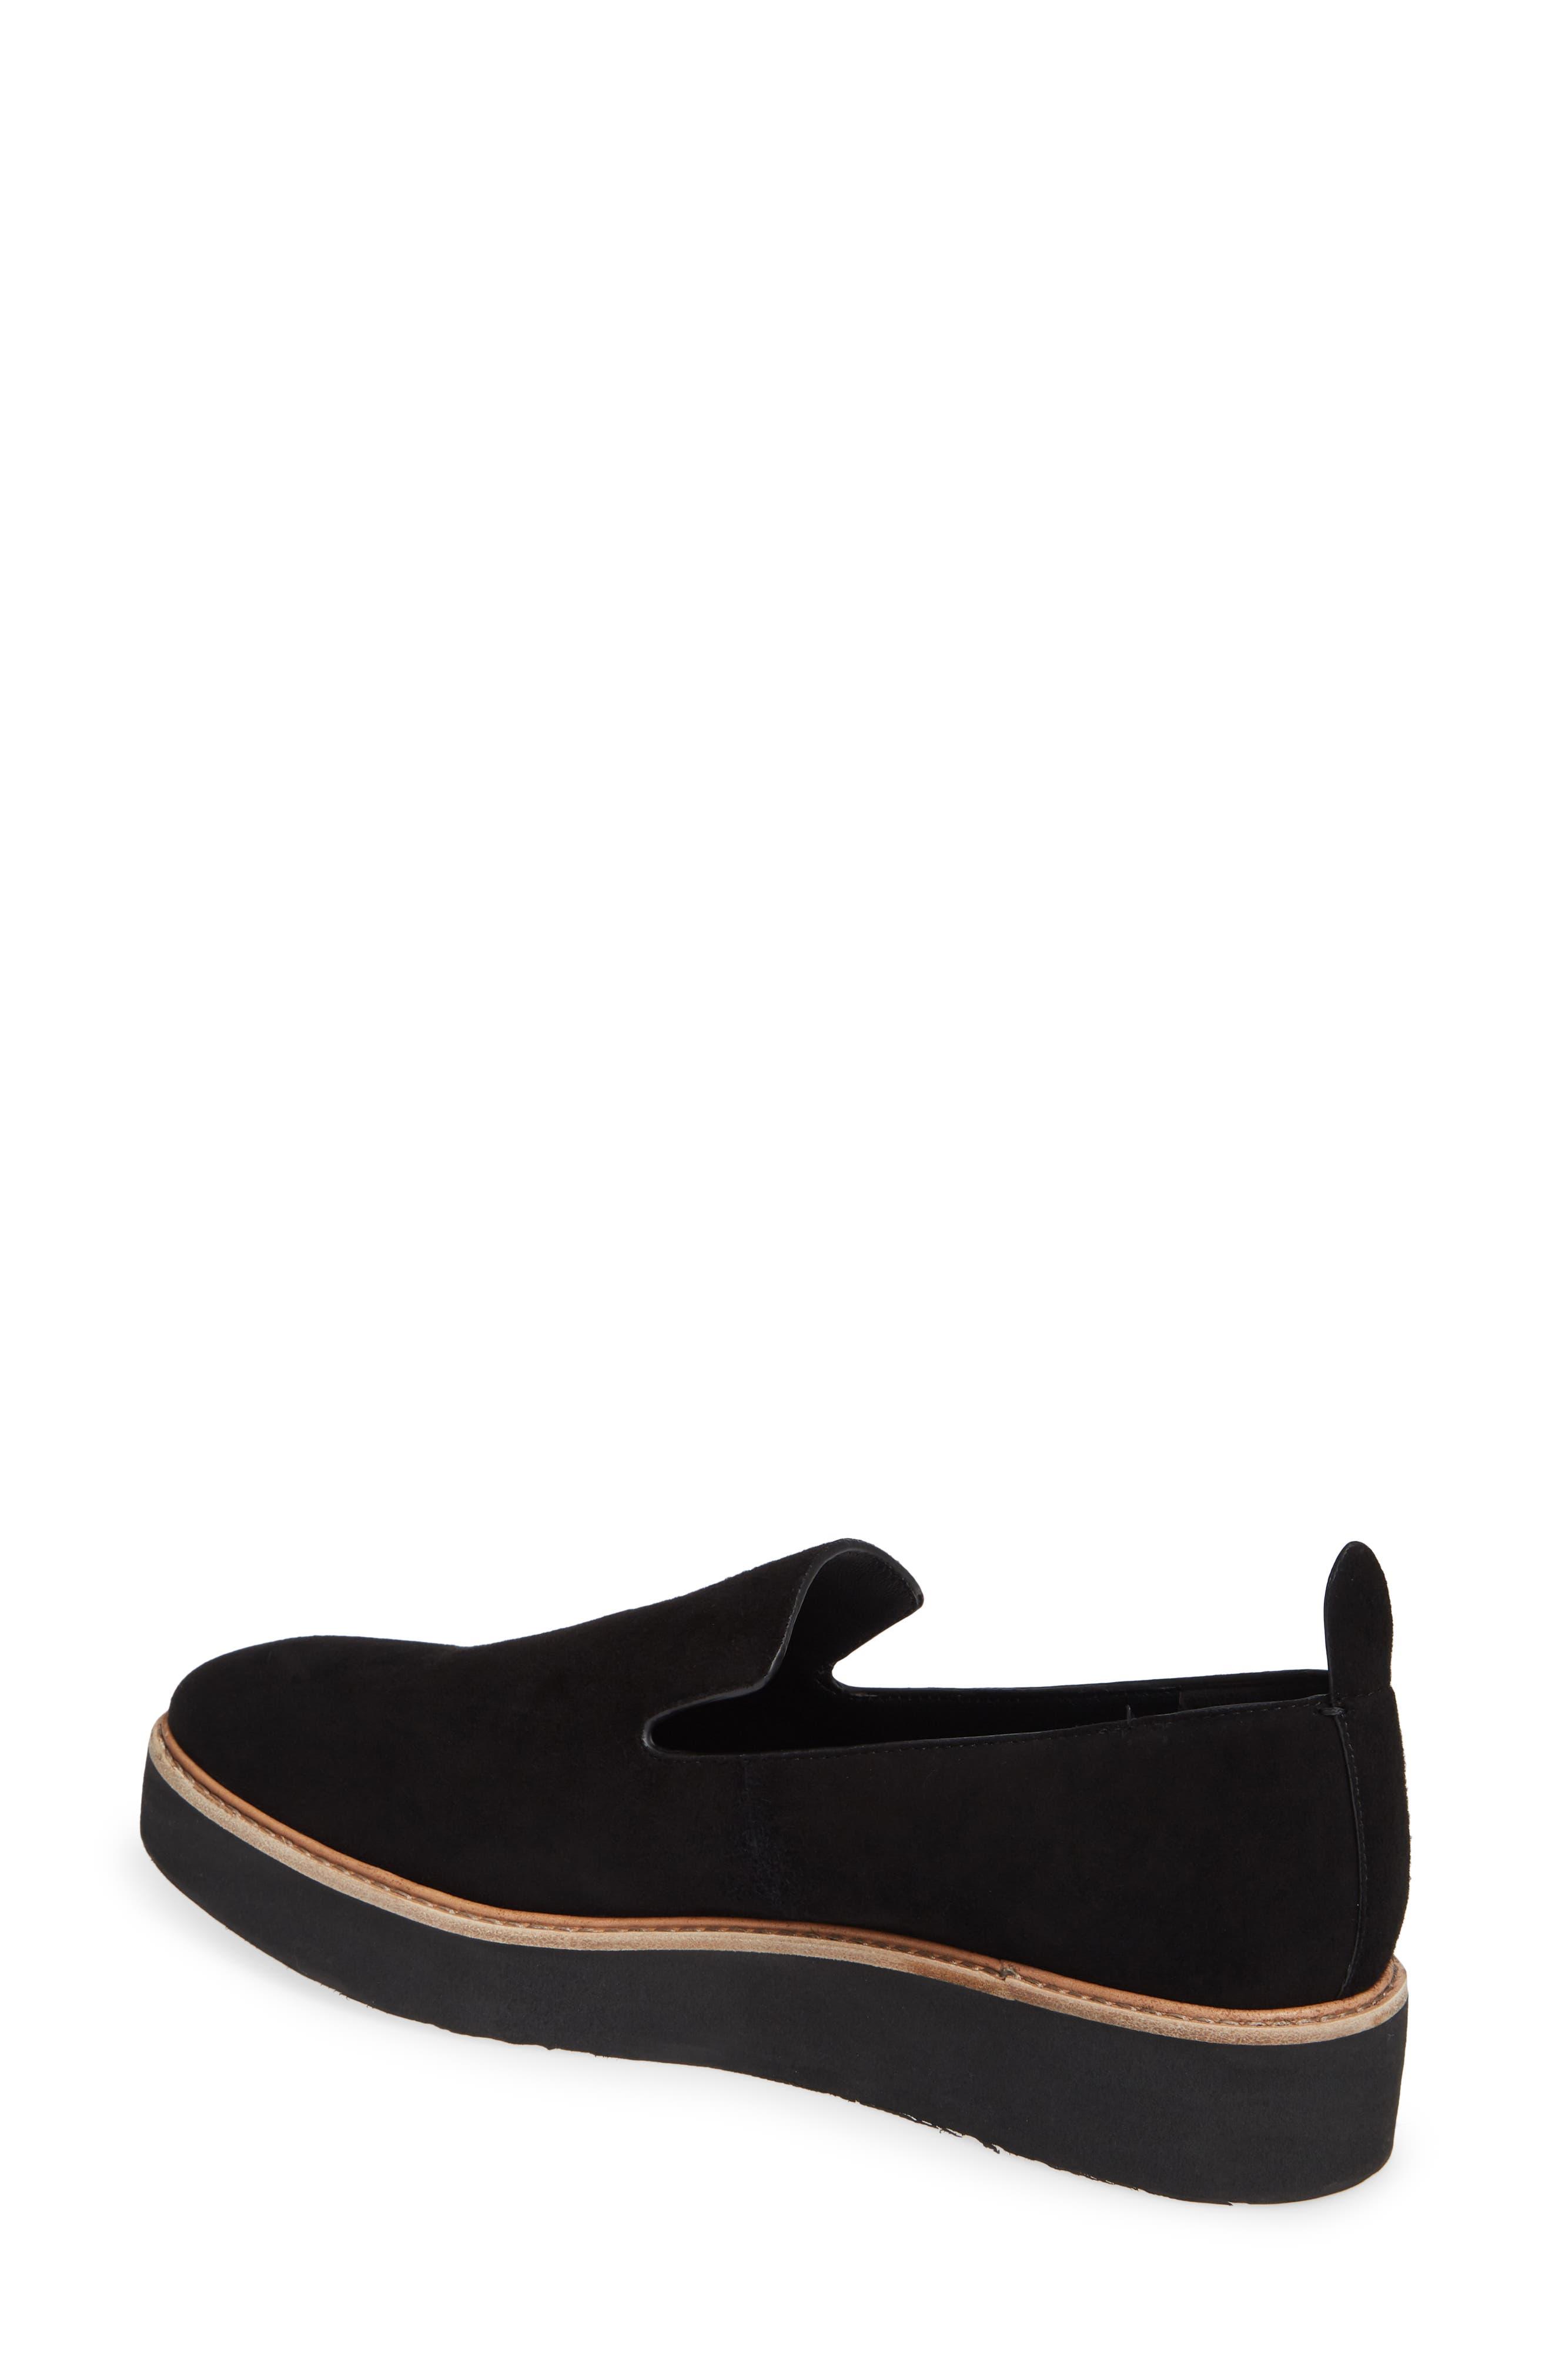 Sanders Slip-On Sneaker,                             Alternate thumbnail 2, color,                             BLACK/ BLACK LEATHER